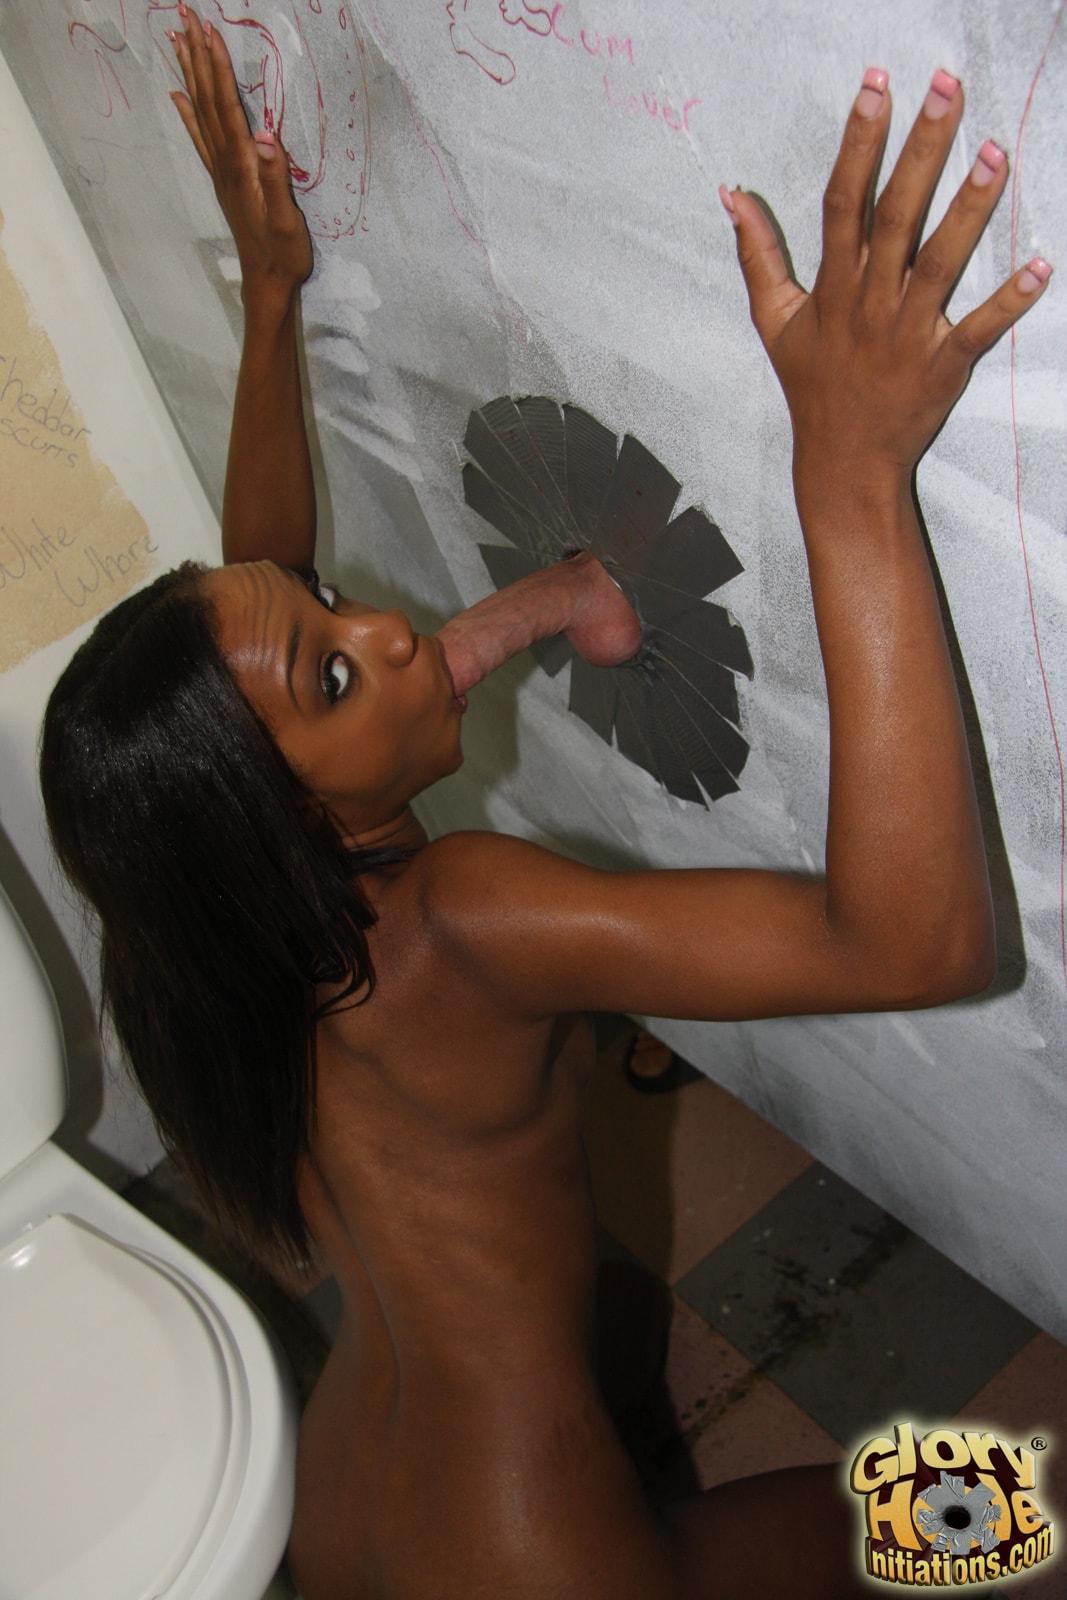 Соски в туалете черз дырки 18 фотография